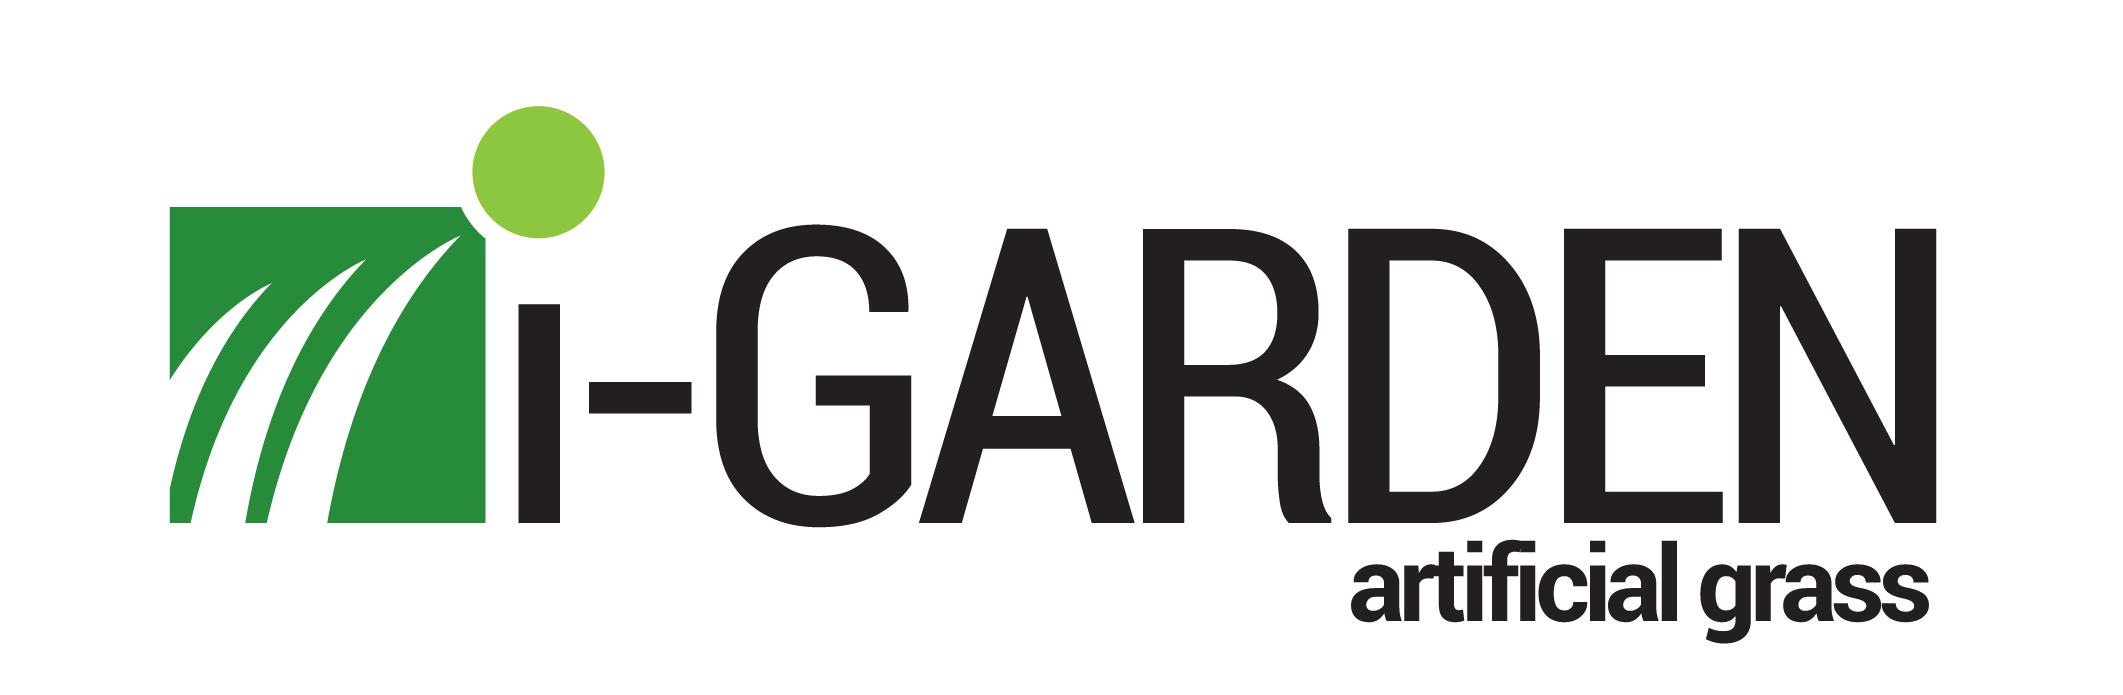 i-garden-logo